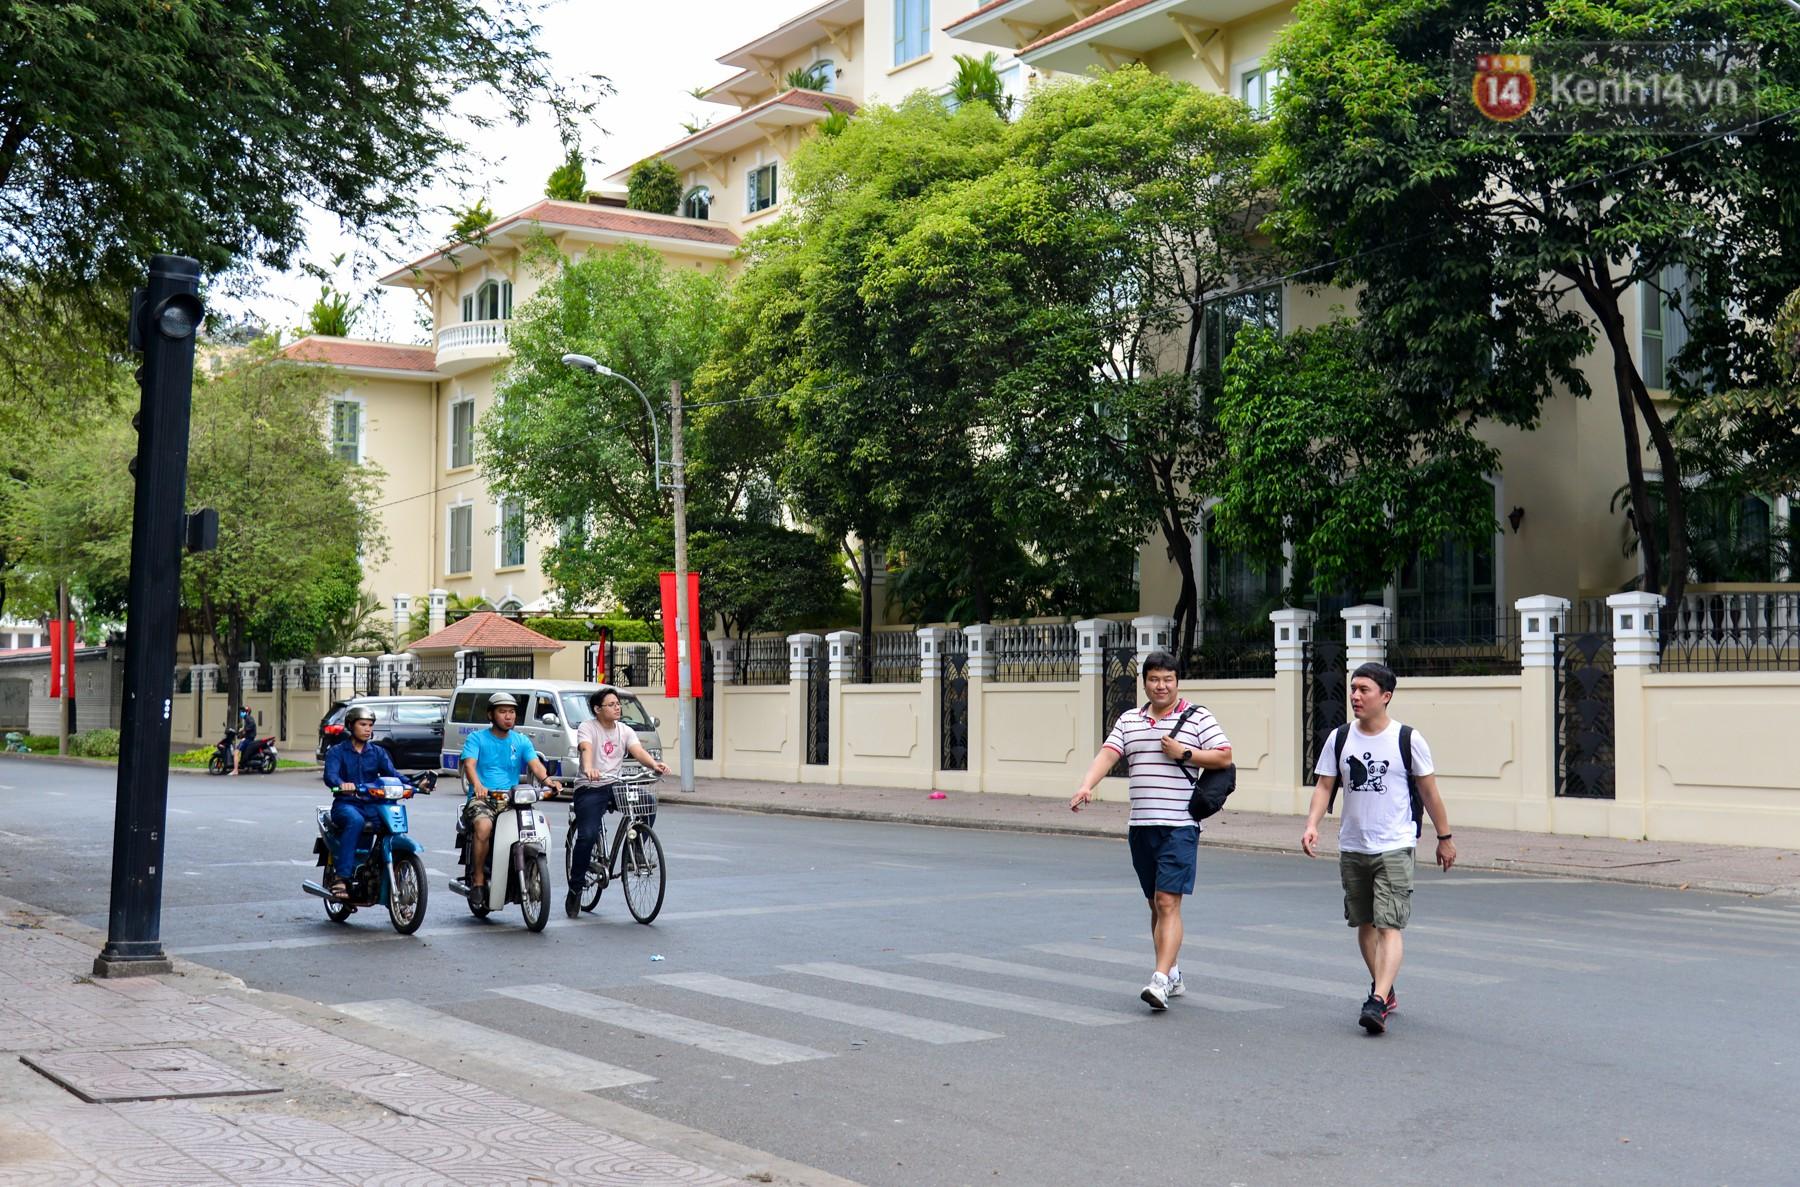 Chùm ảnh: Những ngày này, có một Sài Gòn tĩnh lặng lạ thường khi người dân đã rủ nhau đi trốn - Ảnh 7.